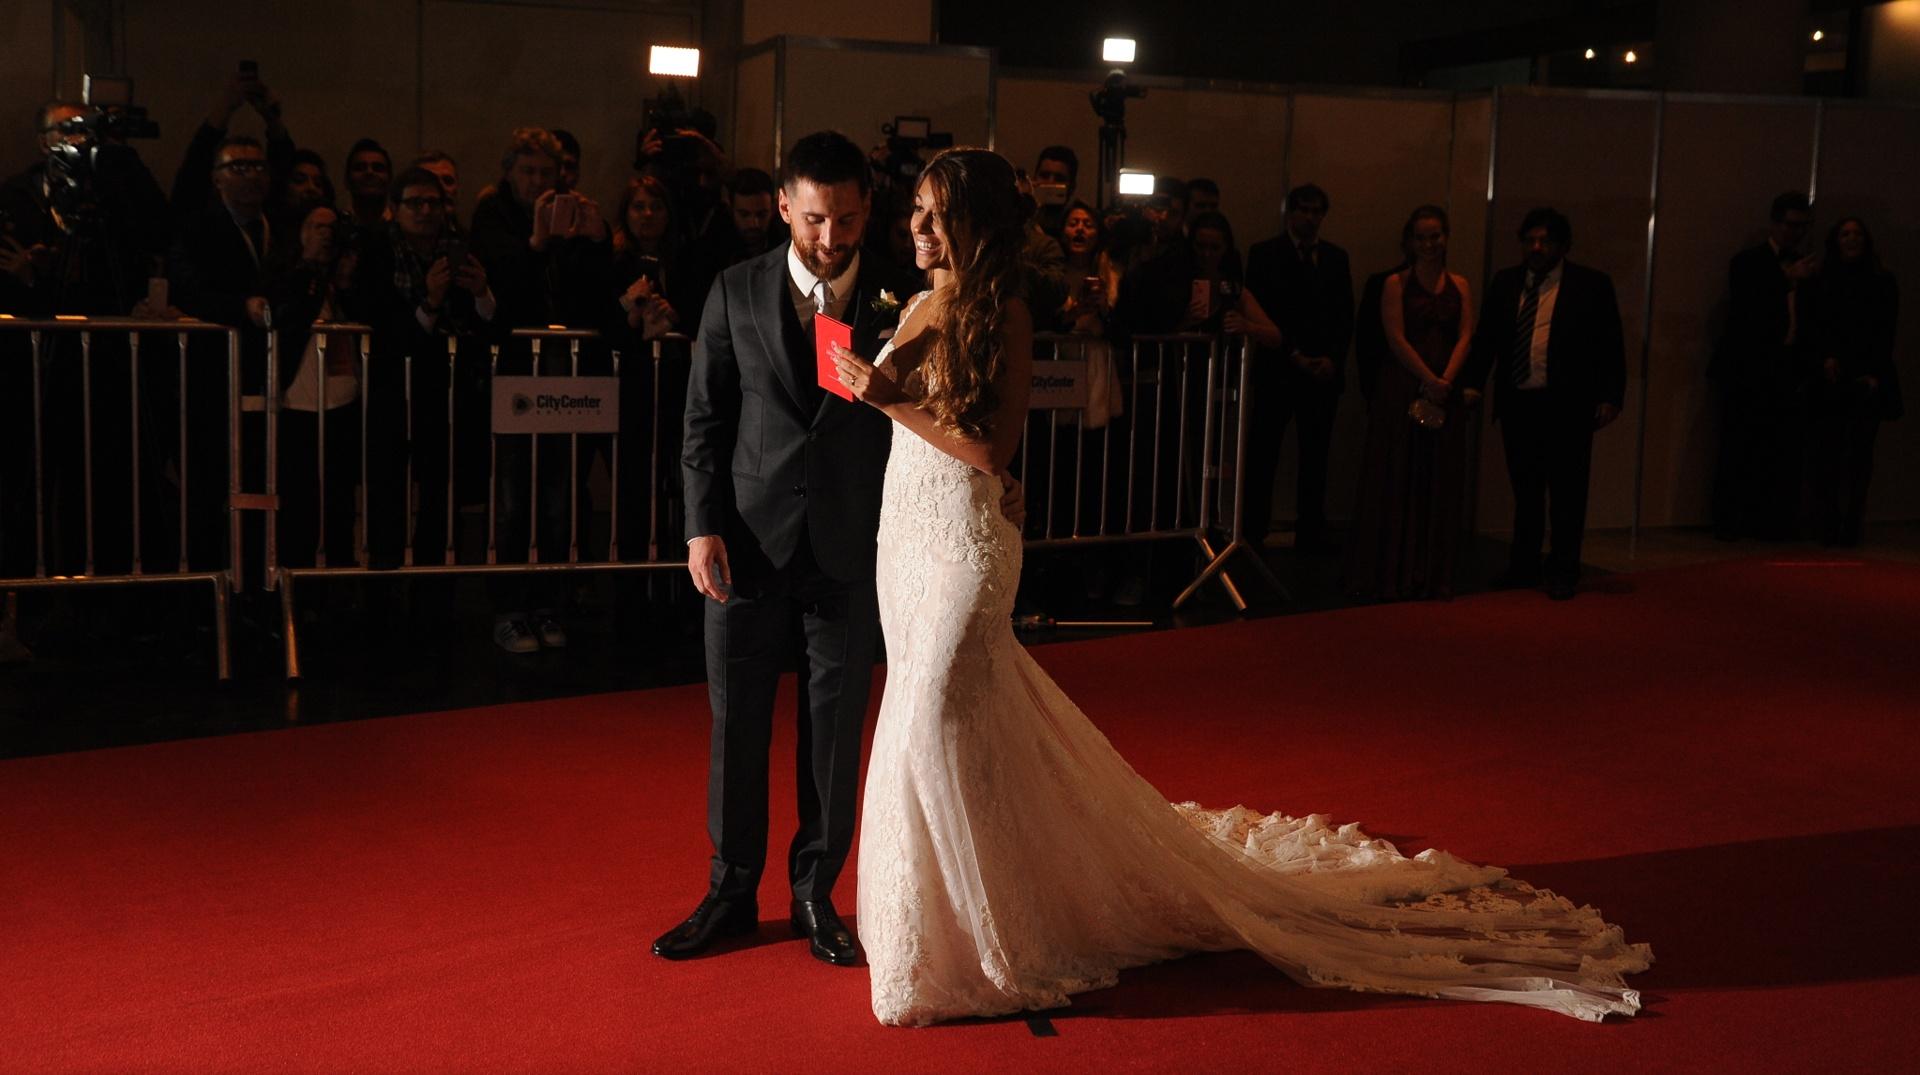 مراسم ازدواج مسی و دوست دخترش + تصاویر